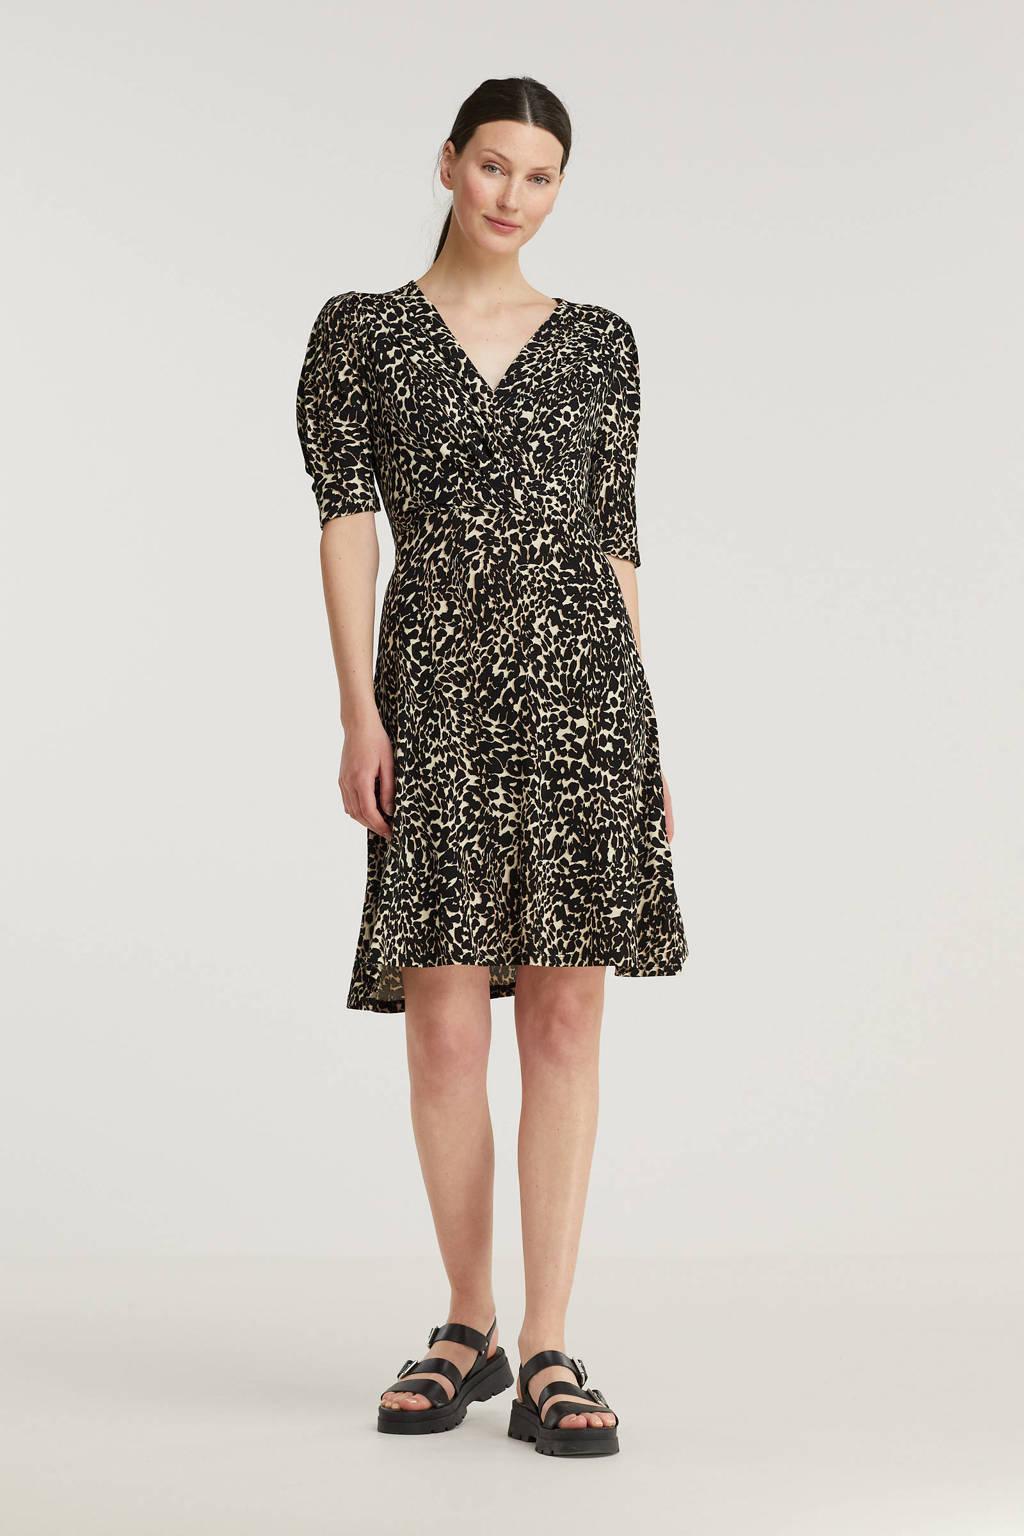 FREEQUENT jurk FQMARU-DR met dierenprint beige/zwart, Beige/zwart